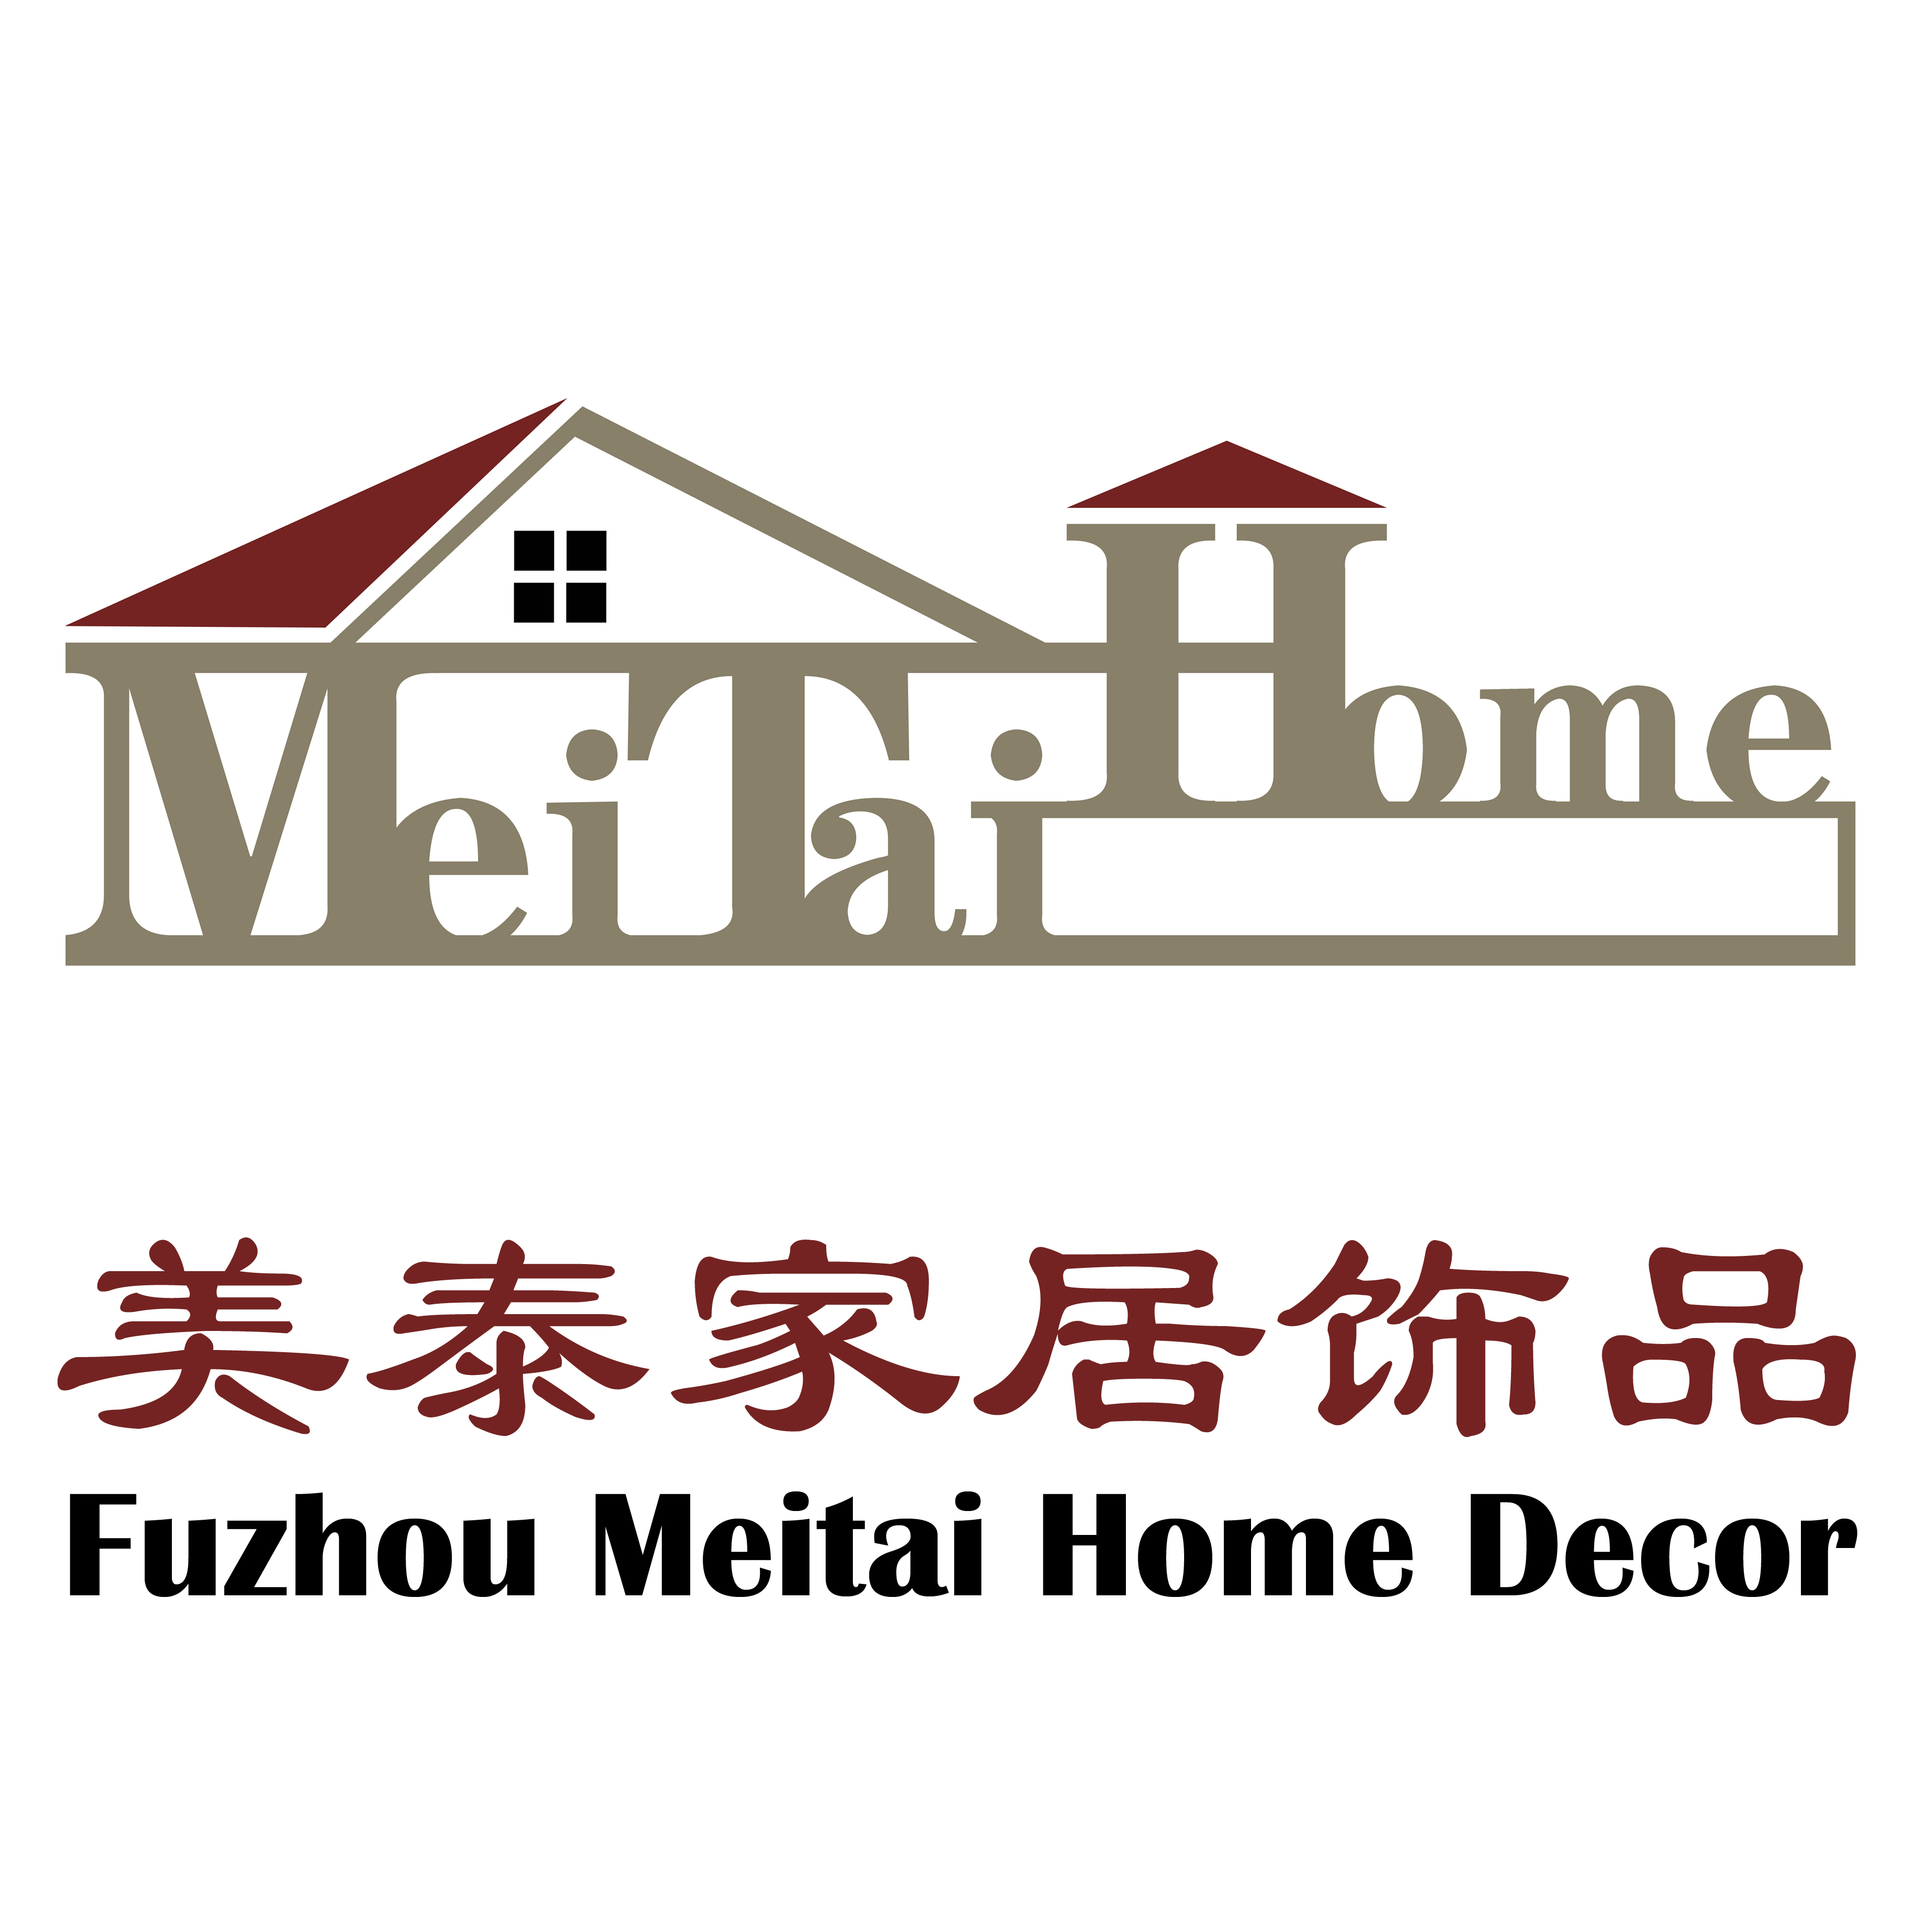 公司logo大图中文.jpg